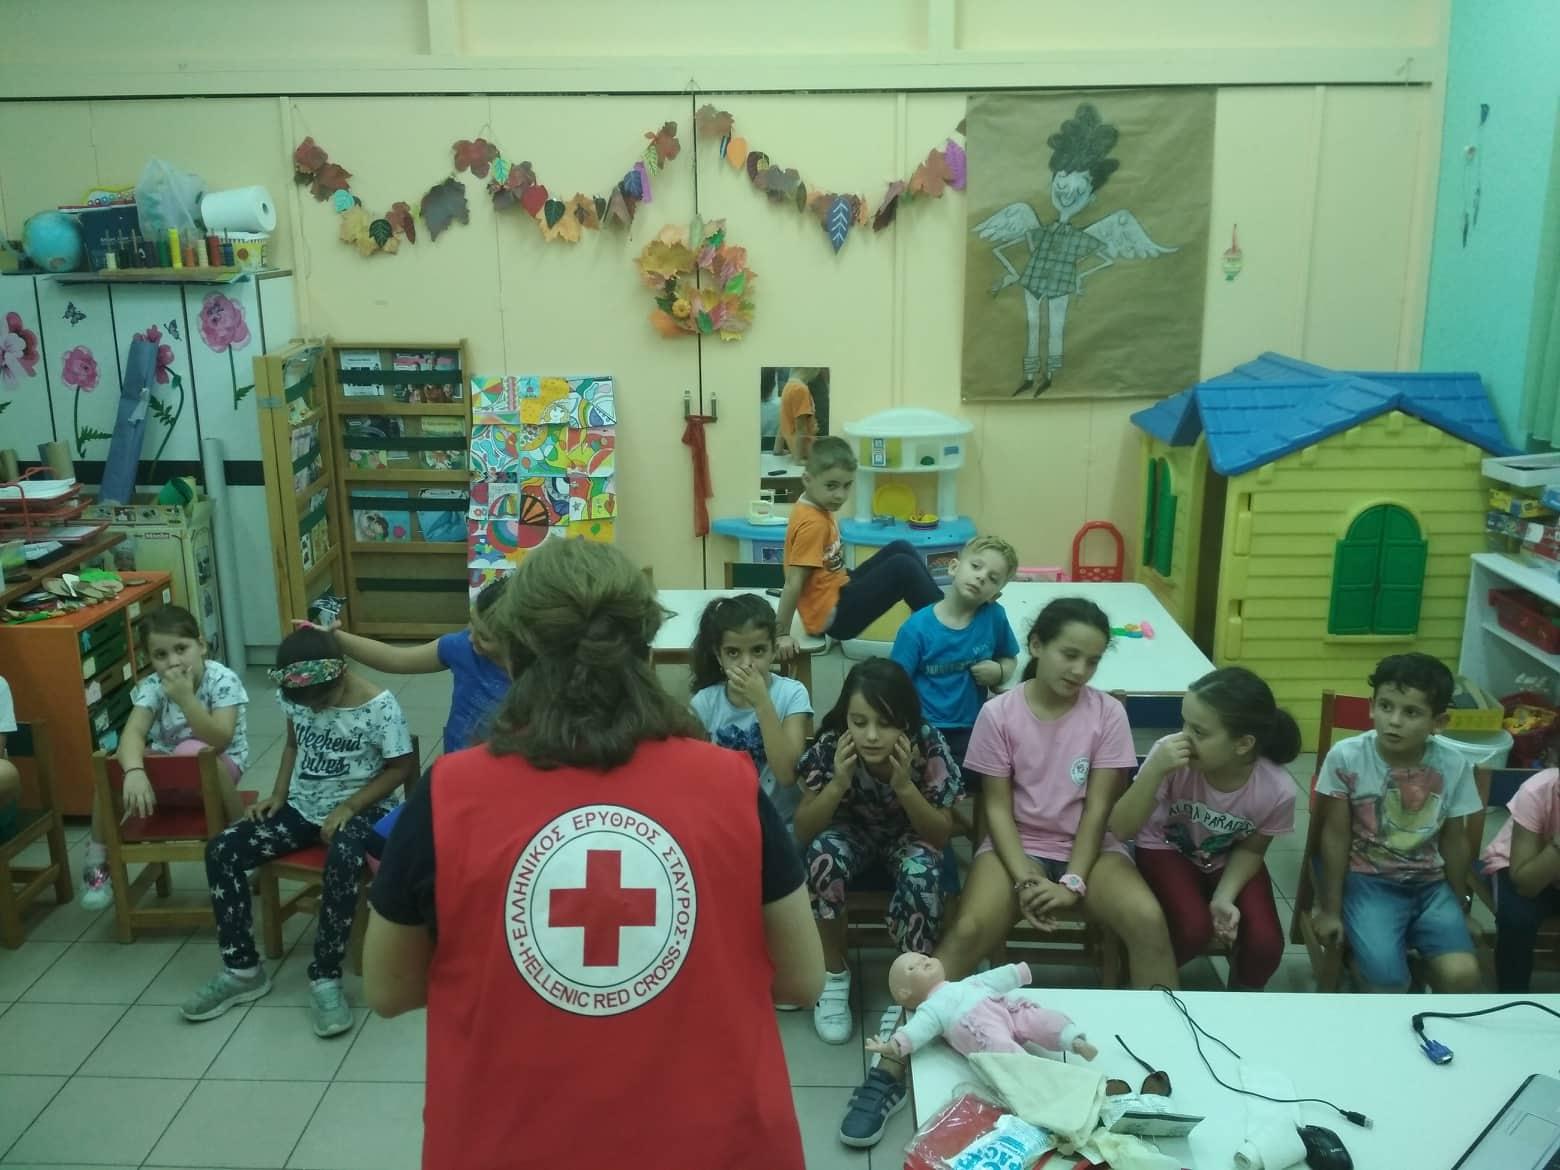 Μαθήματα Πρώτων Βοηθειών  στα Κέντρα Δημιουργικής Απασχόλησης Παιδιών του Δήμου Λαρισαίων από τον Ελληνικό Ερυθρό Σταυρό